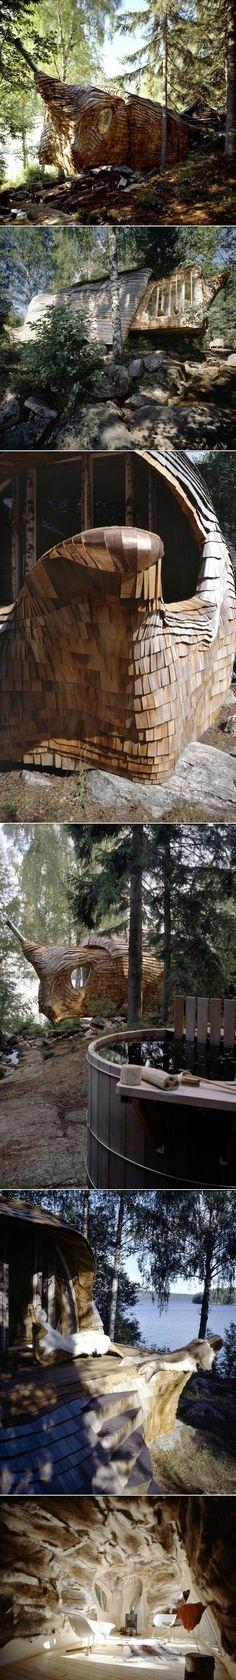 Dragspelhuset par 24h architecture